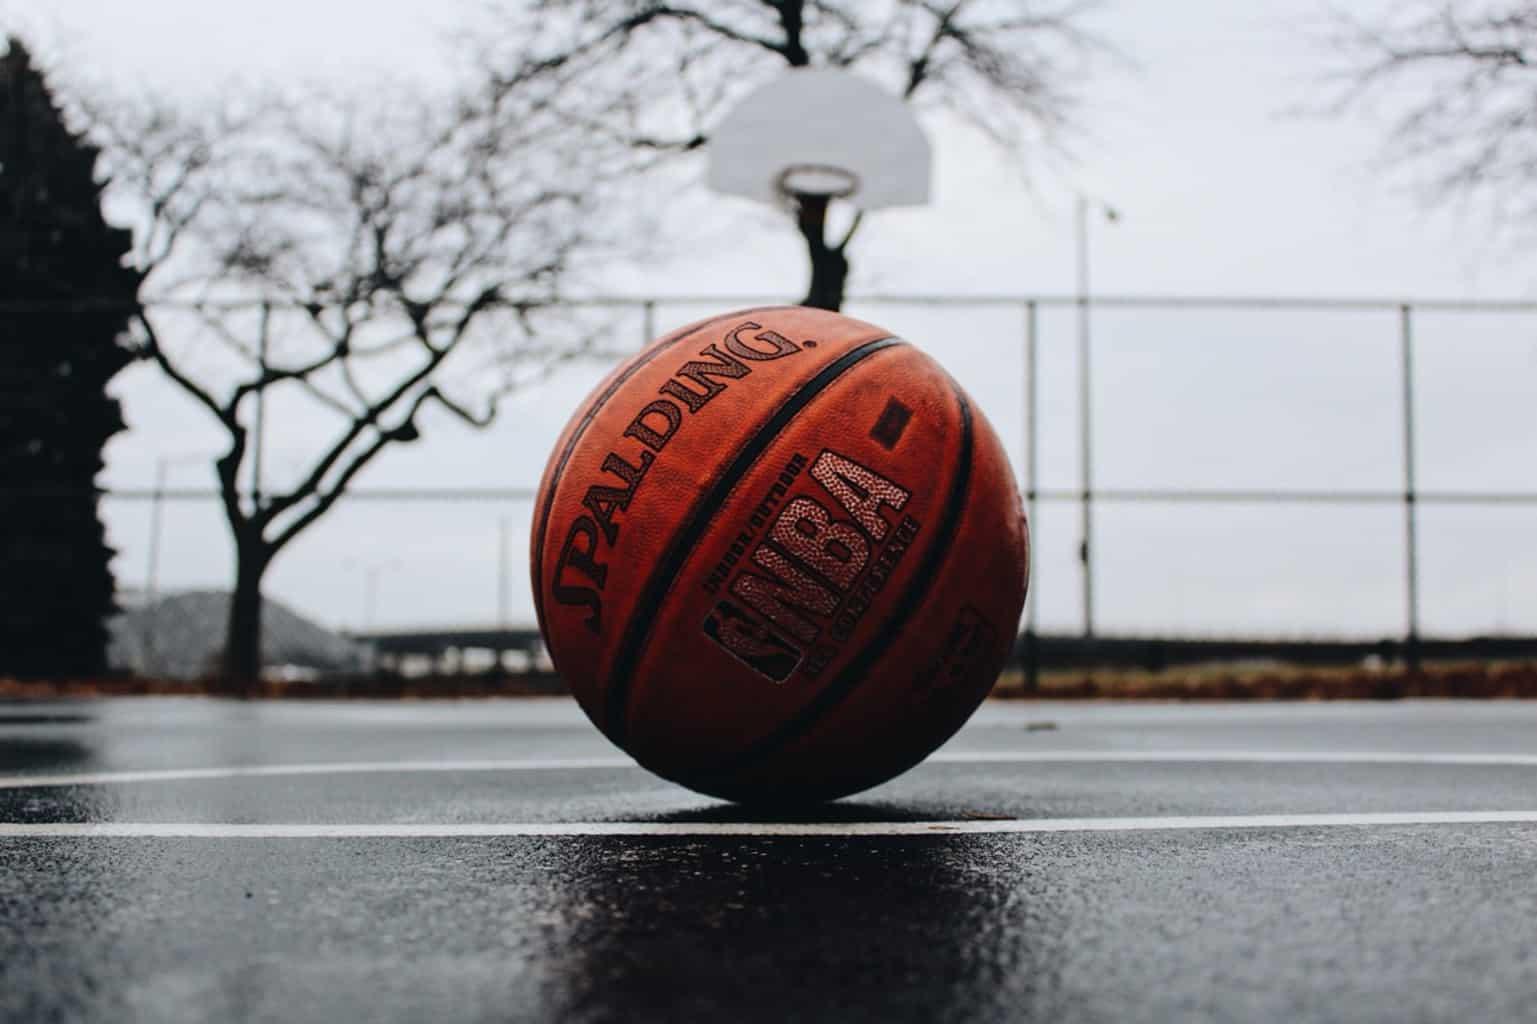 A basketball on an outdoor court